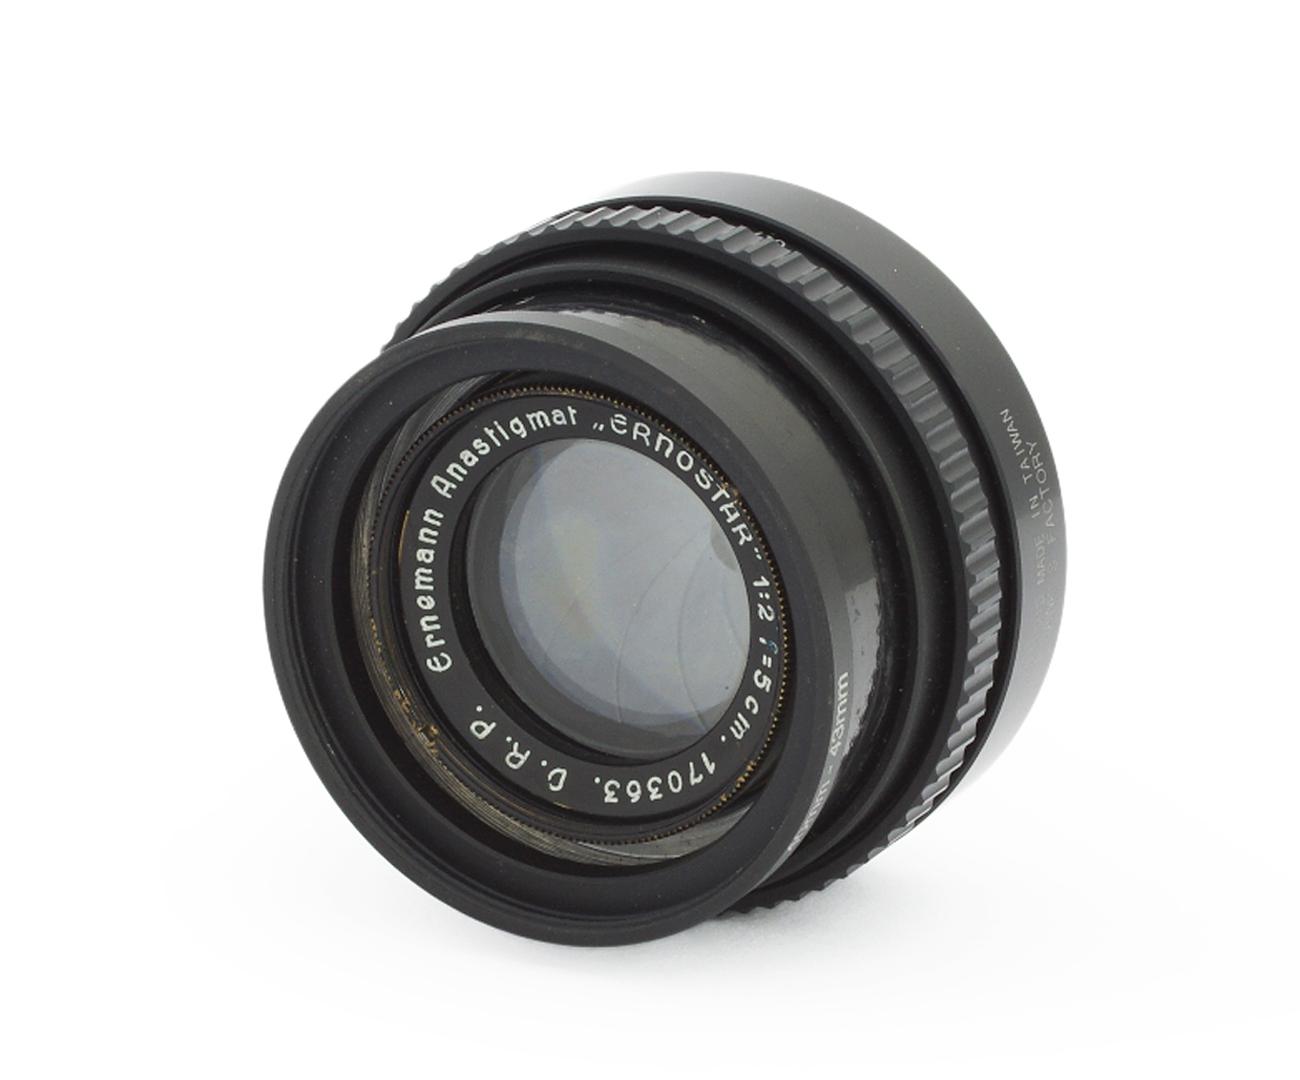 Ernemann-Anastigmat-Ernostar-2-50-mm-170363-Leica-M-Lens Indexbild 4